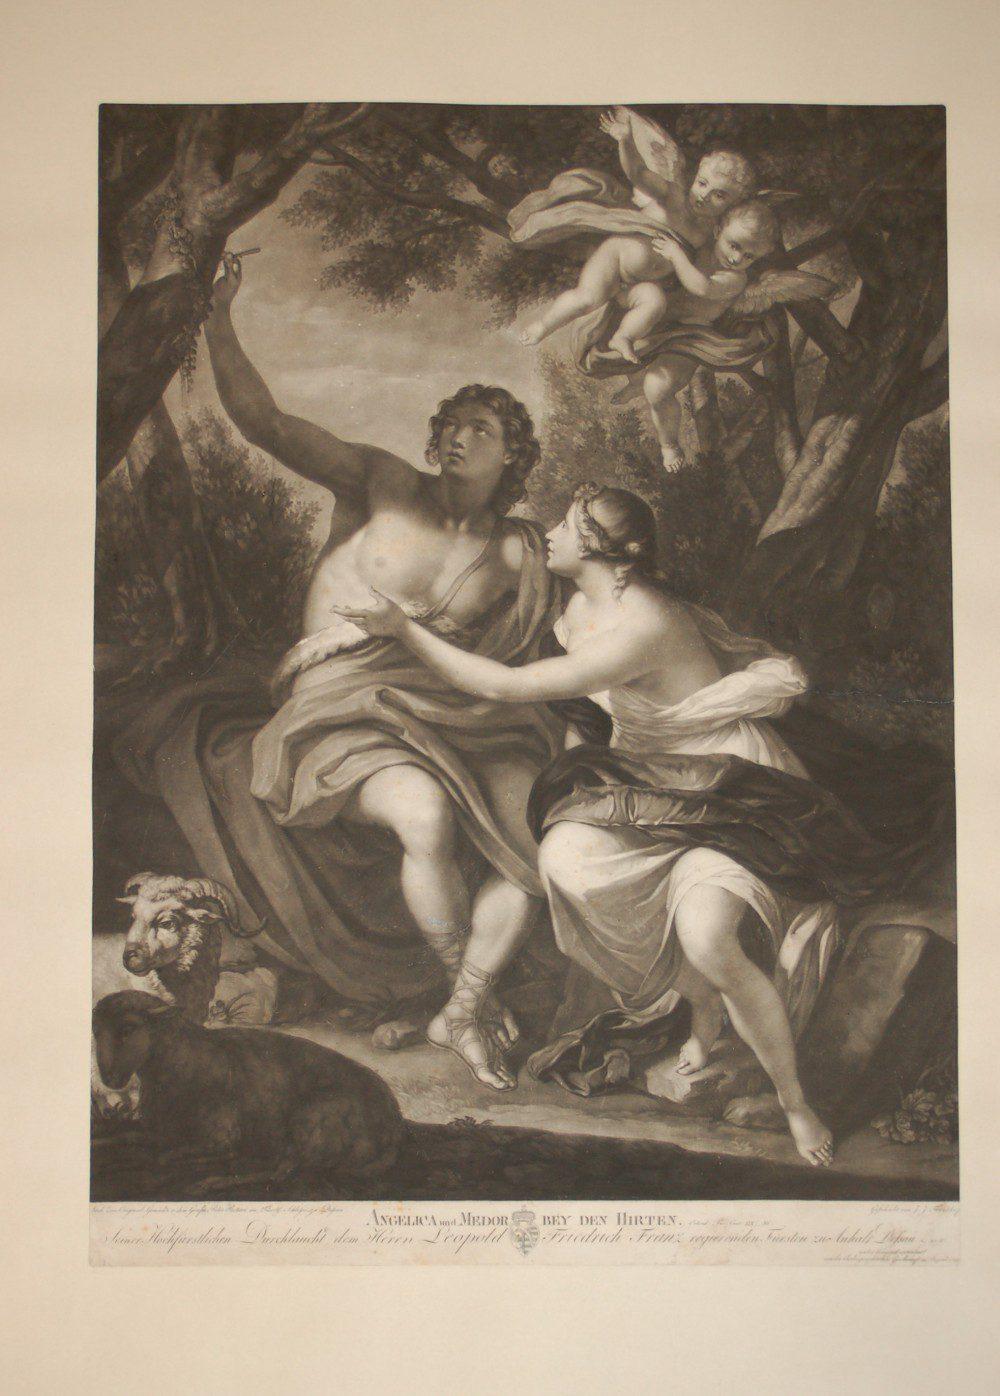 Angelica und Medor bei den Hirten, Johann Joseph Freidhoff, 1798 Schabkunst , 68 X 48 cm,